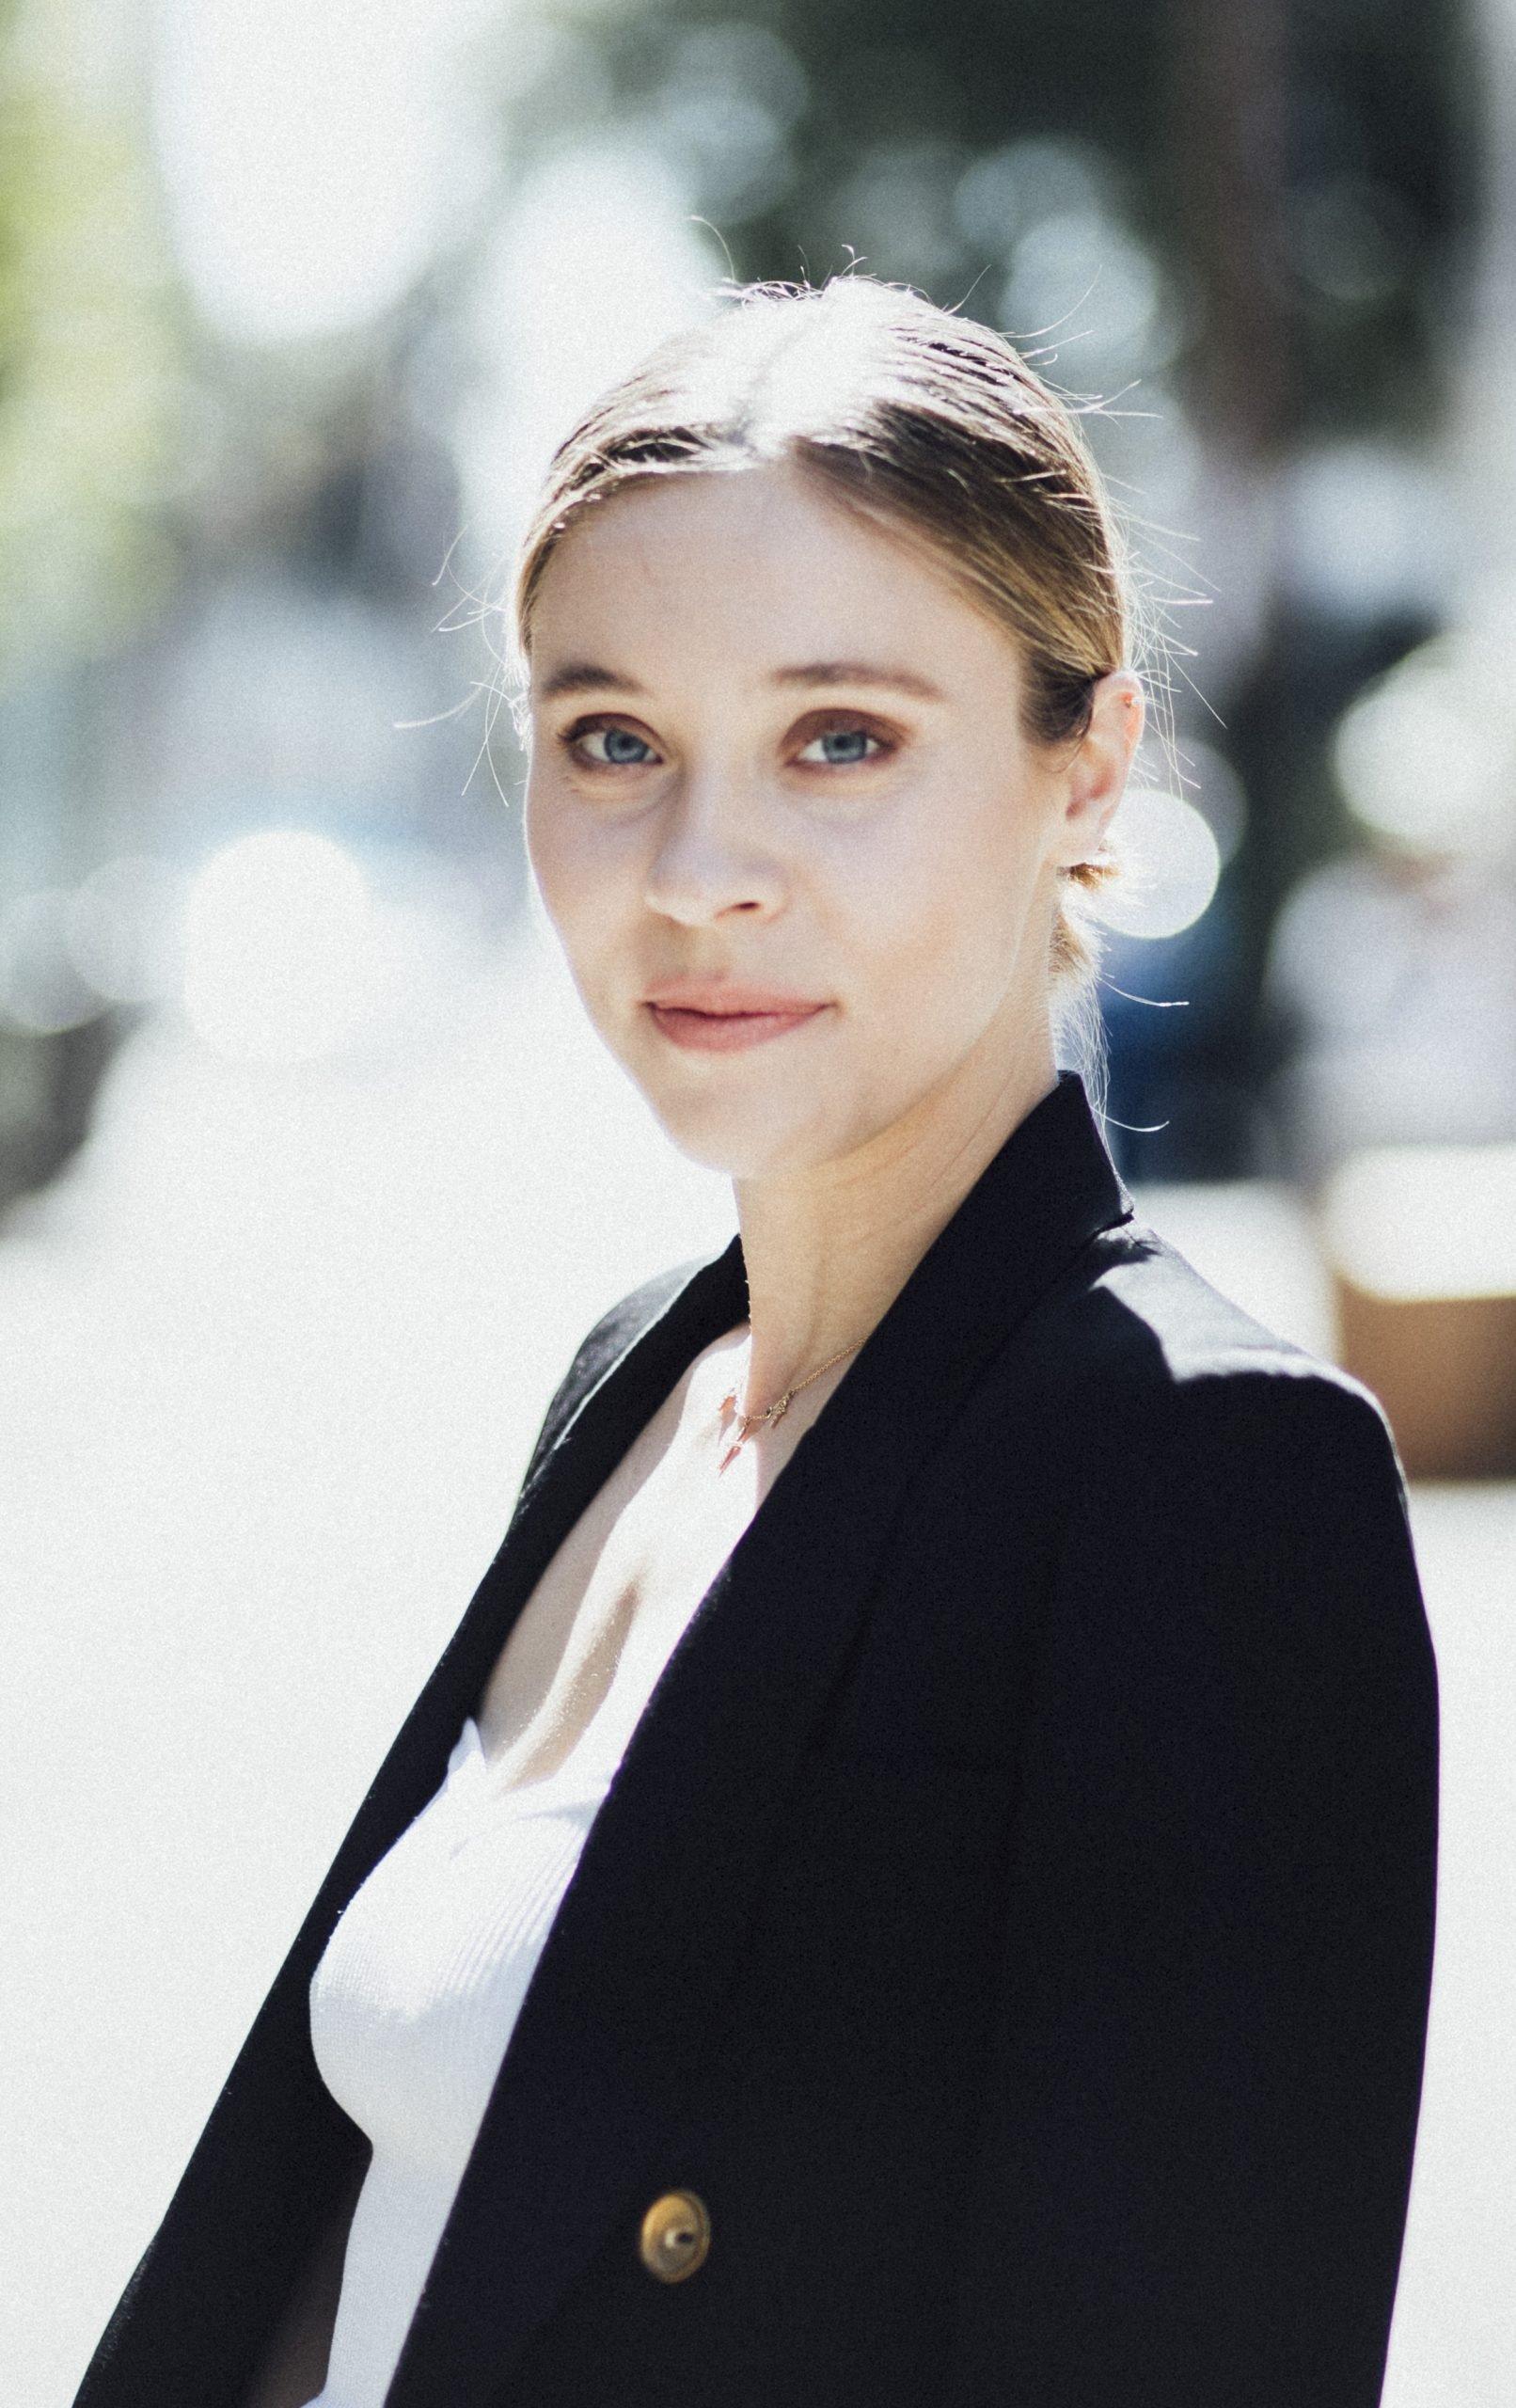 Lena Kleinfeld